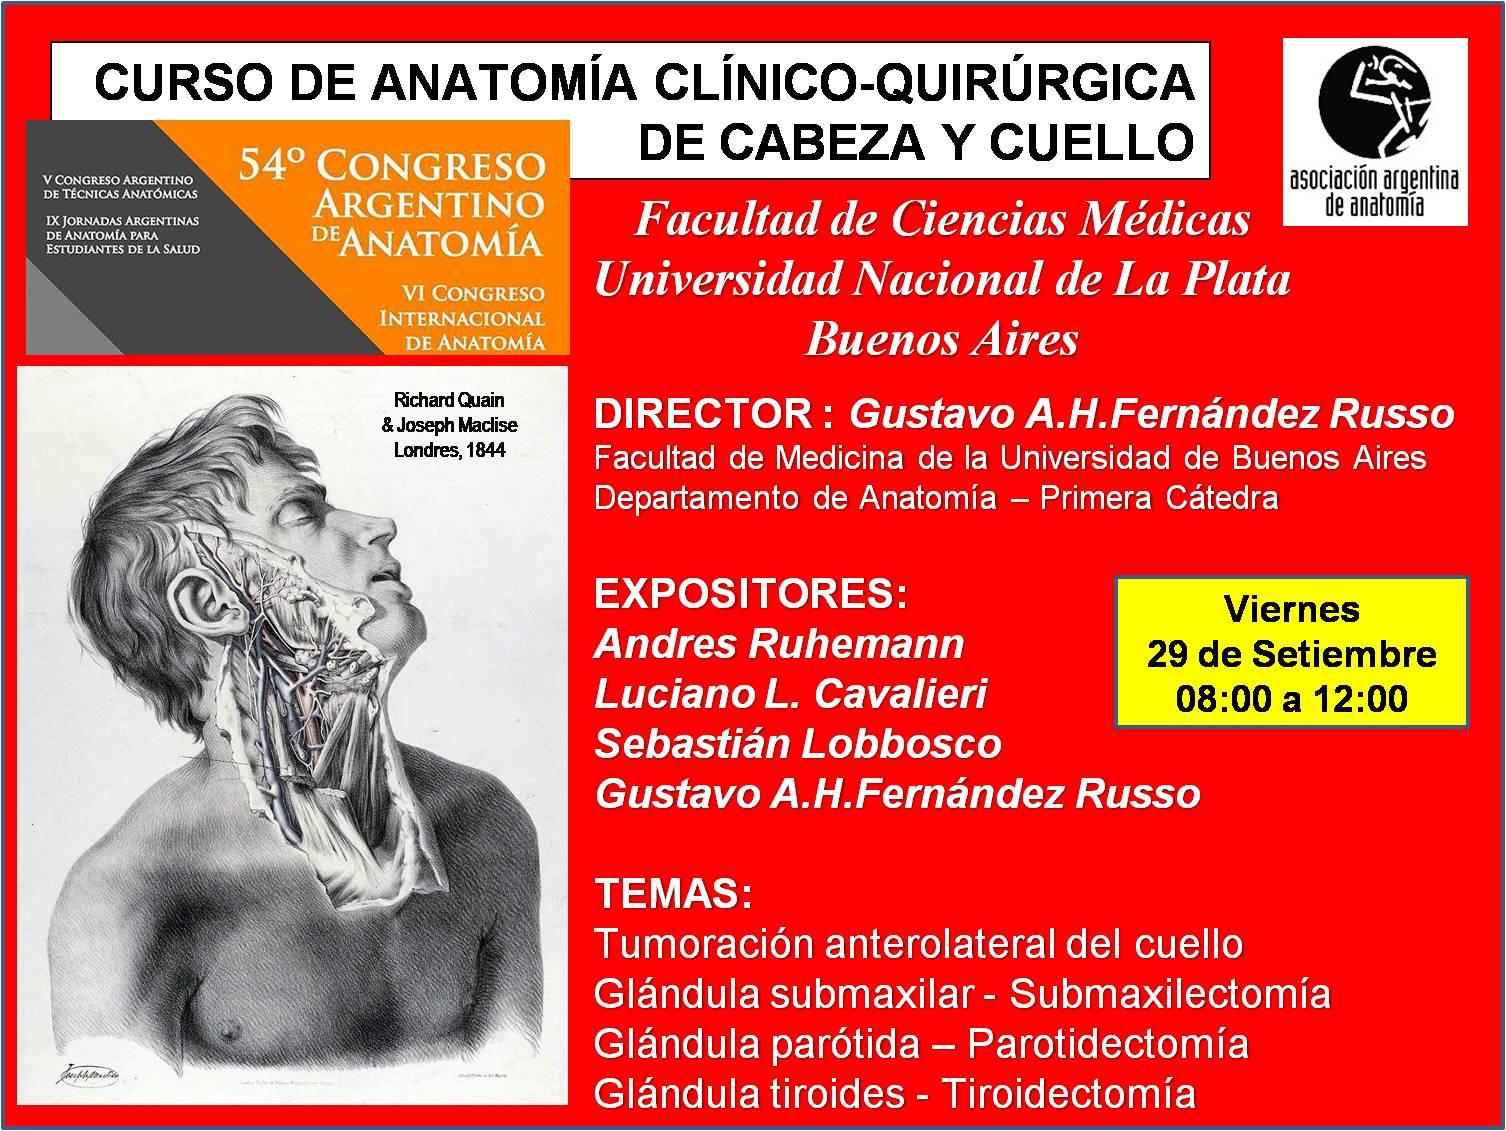 Bonito Anatomía Polea A1 Ornamento - Anatomía de Las Imágenesdel ...